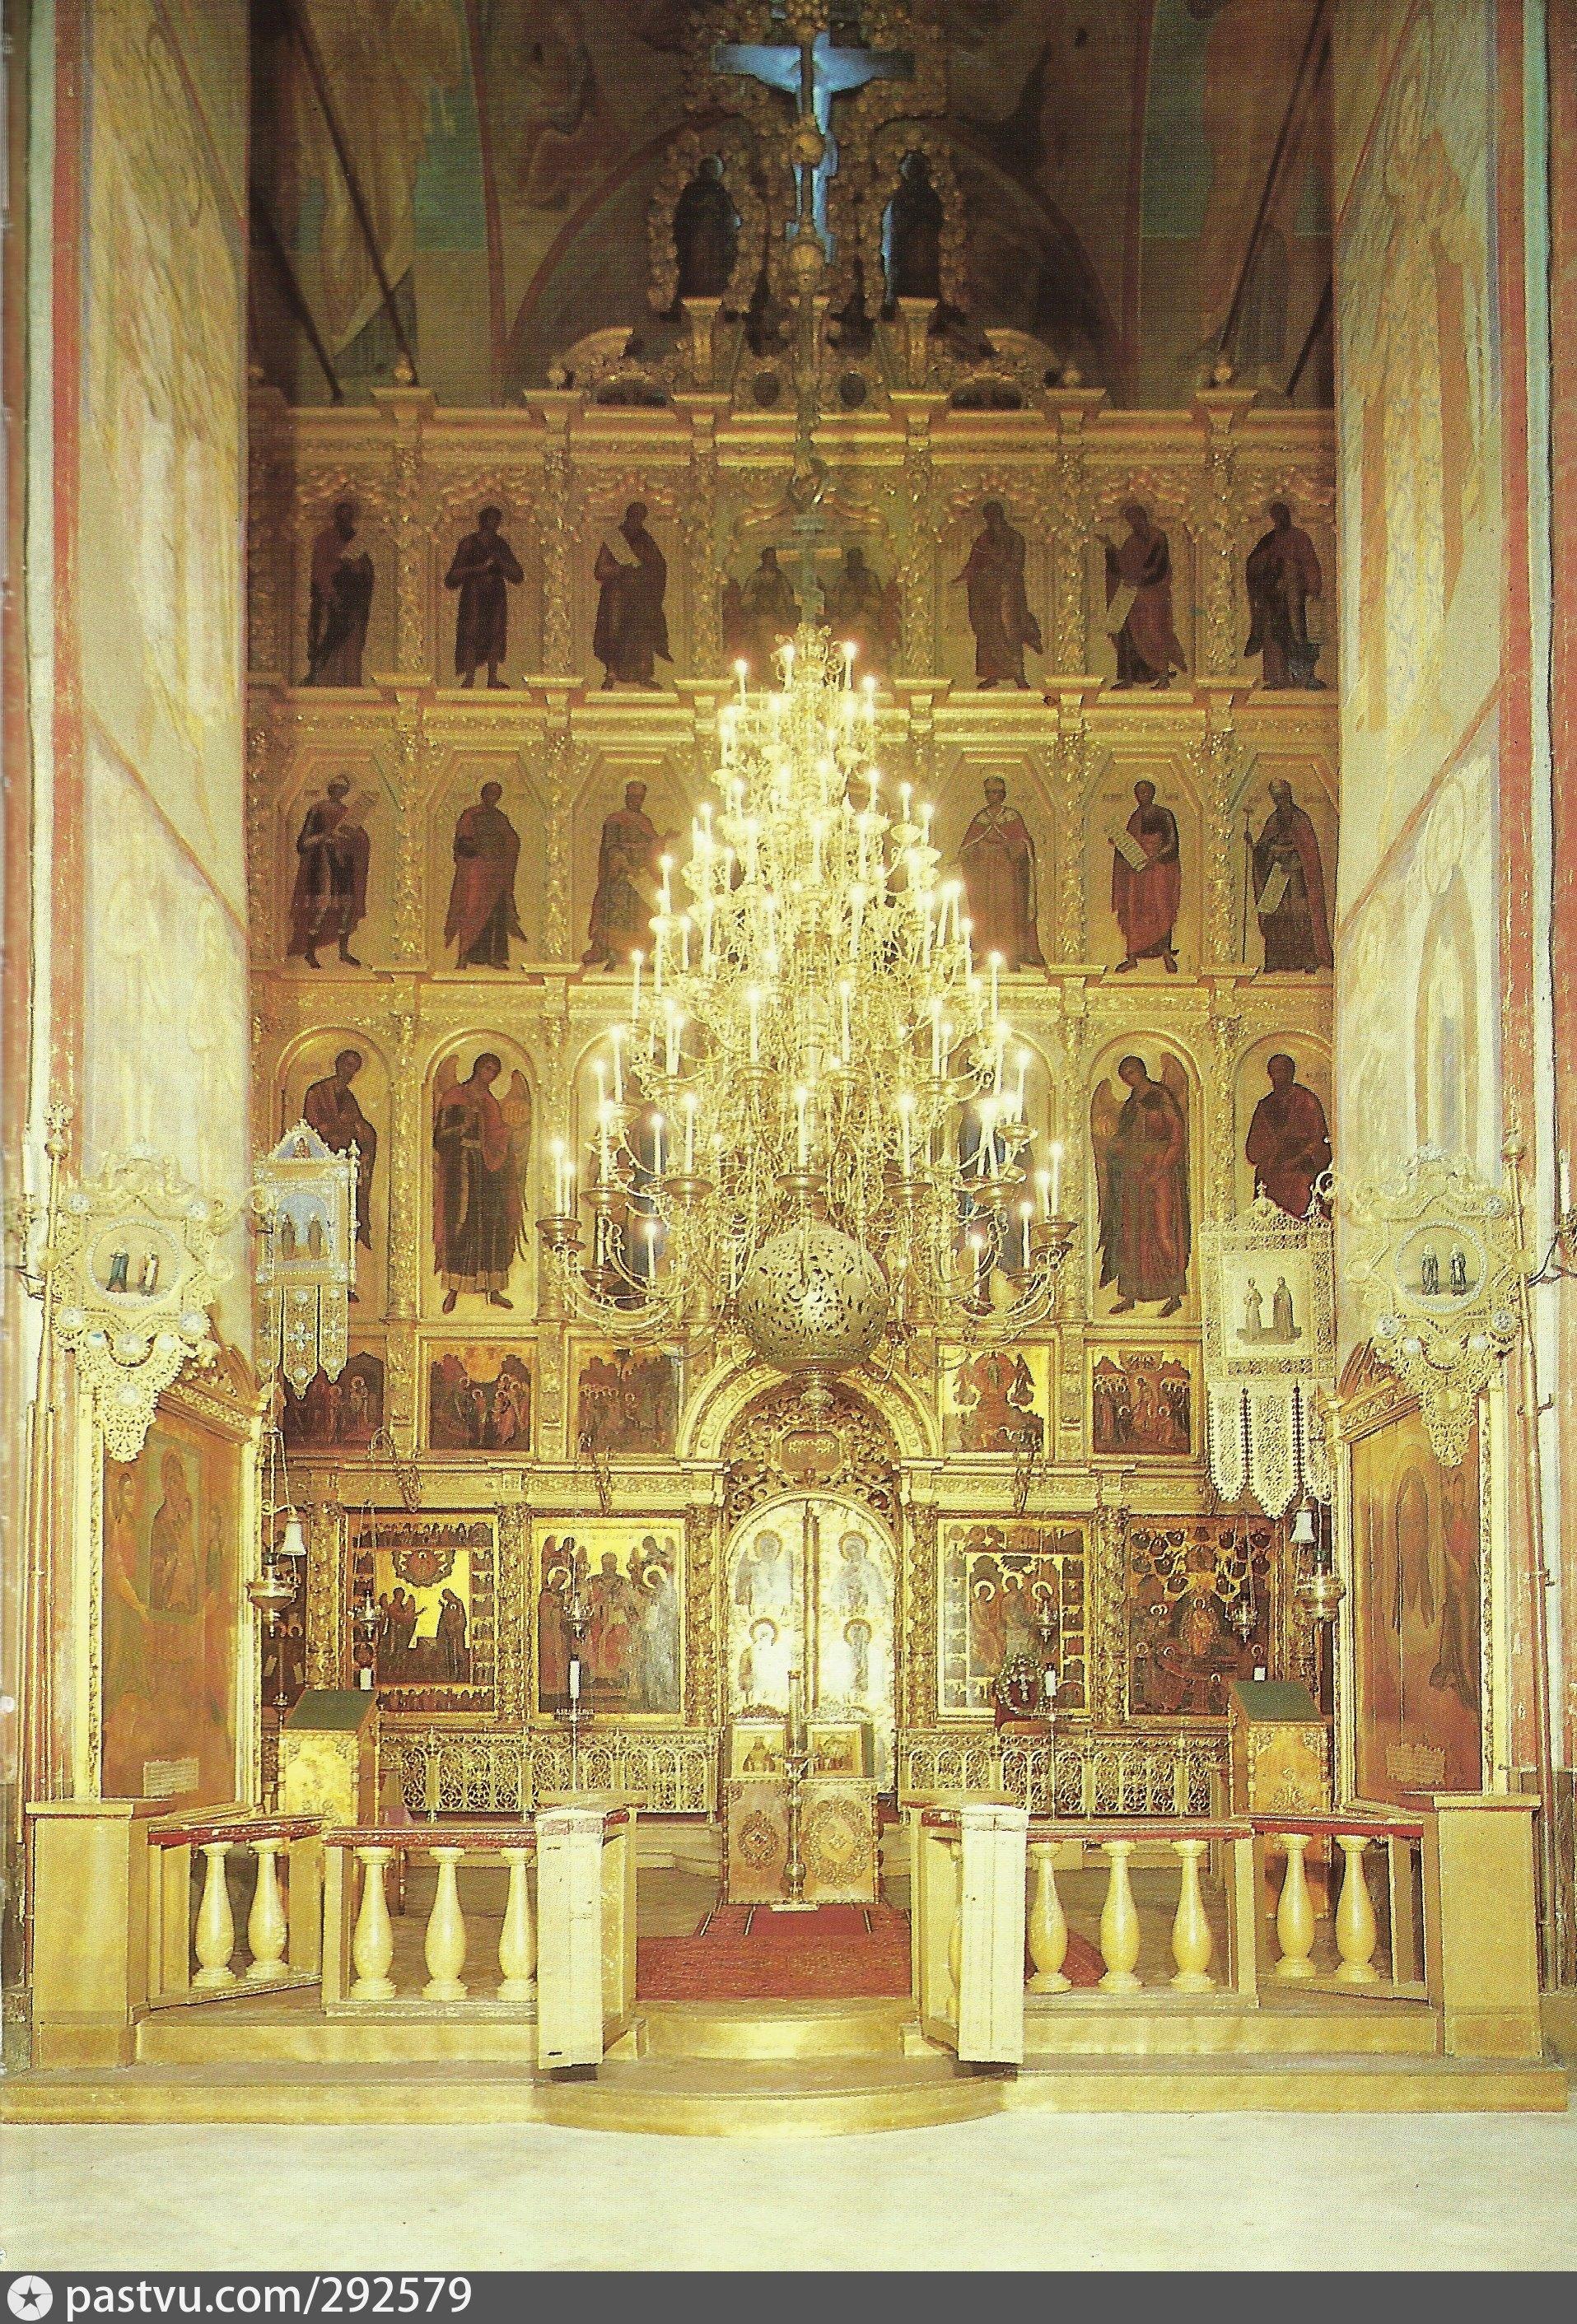 одежды для иконостас успенского собора владимира фото подписчики тут выразили